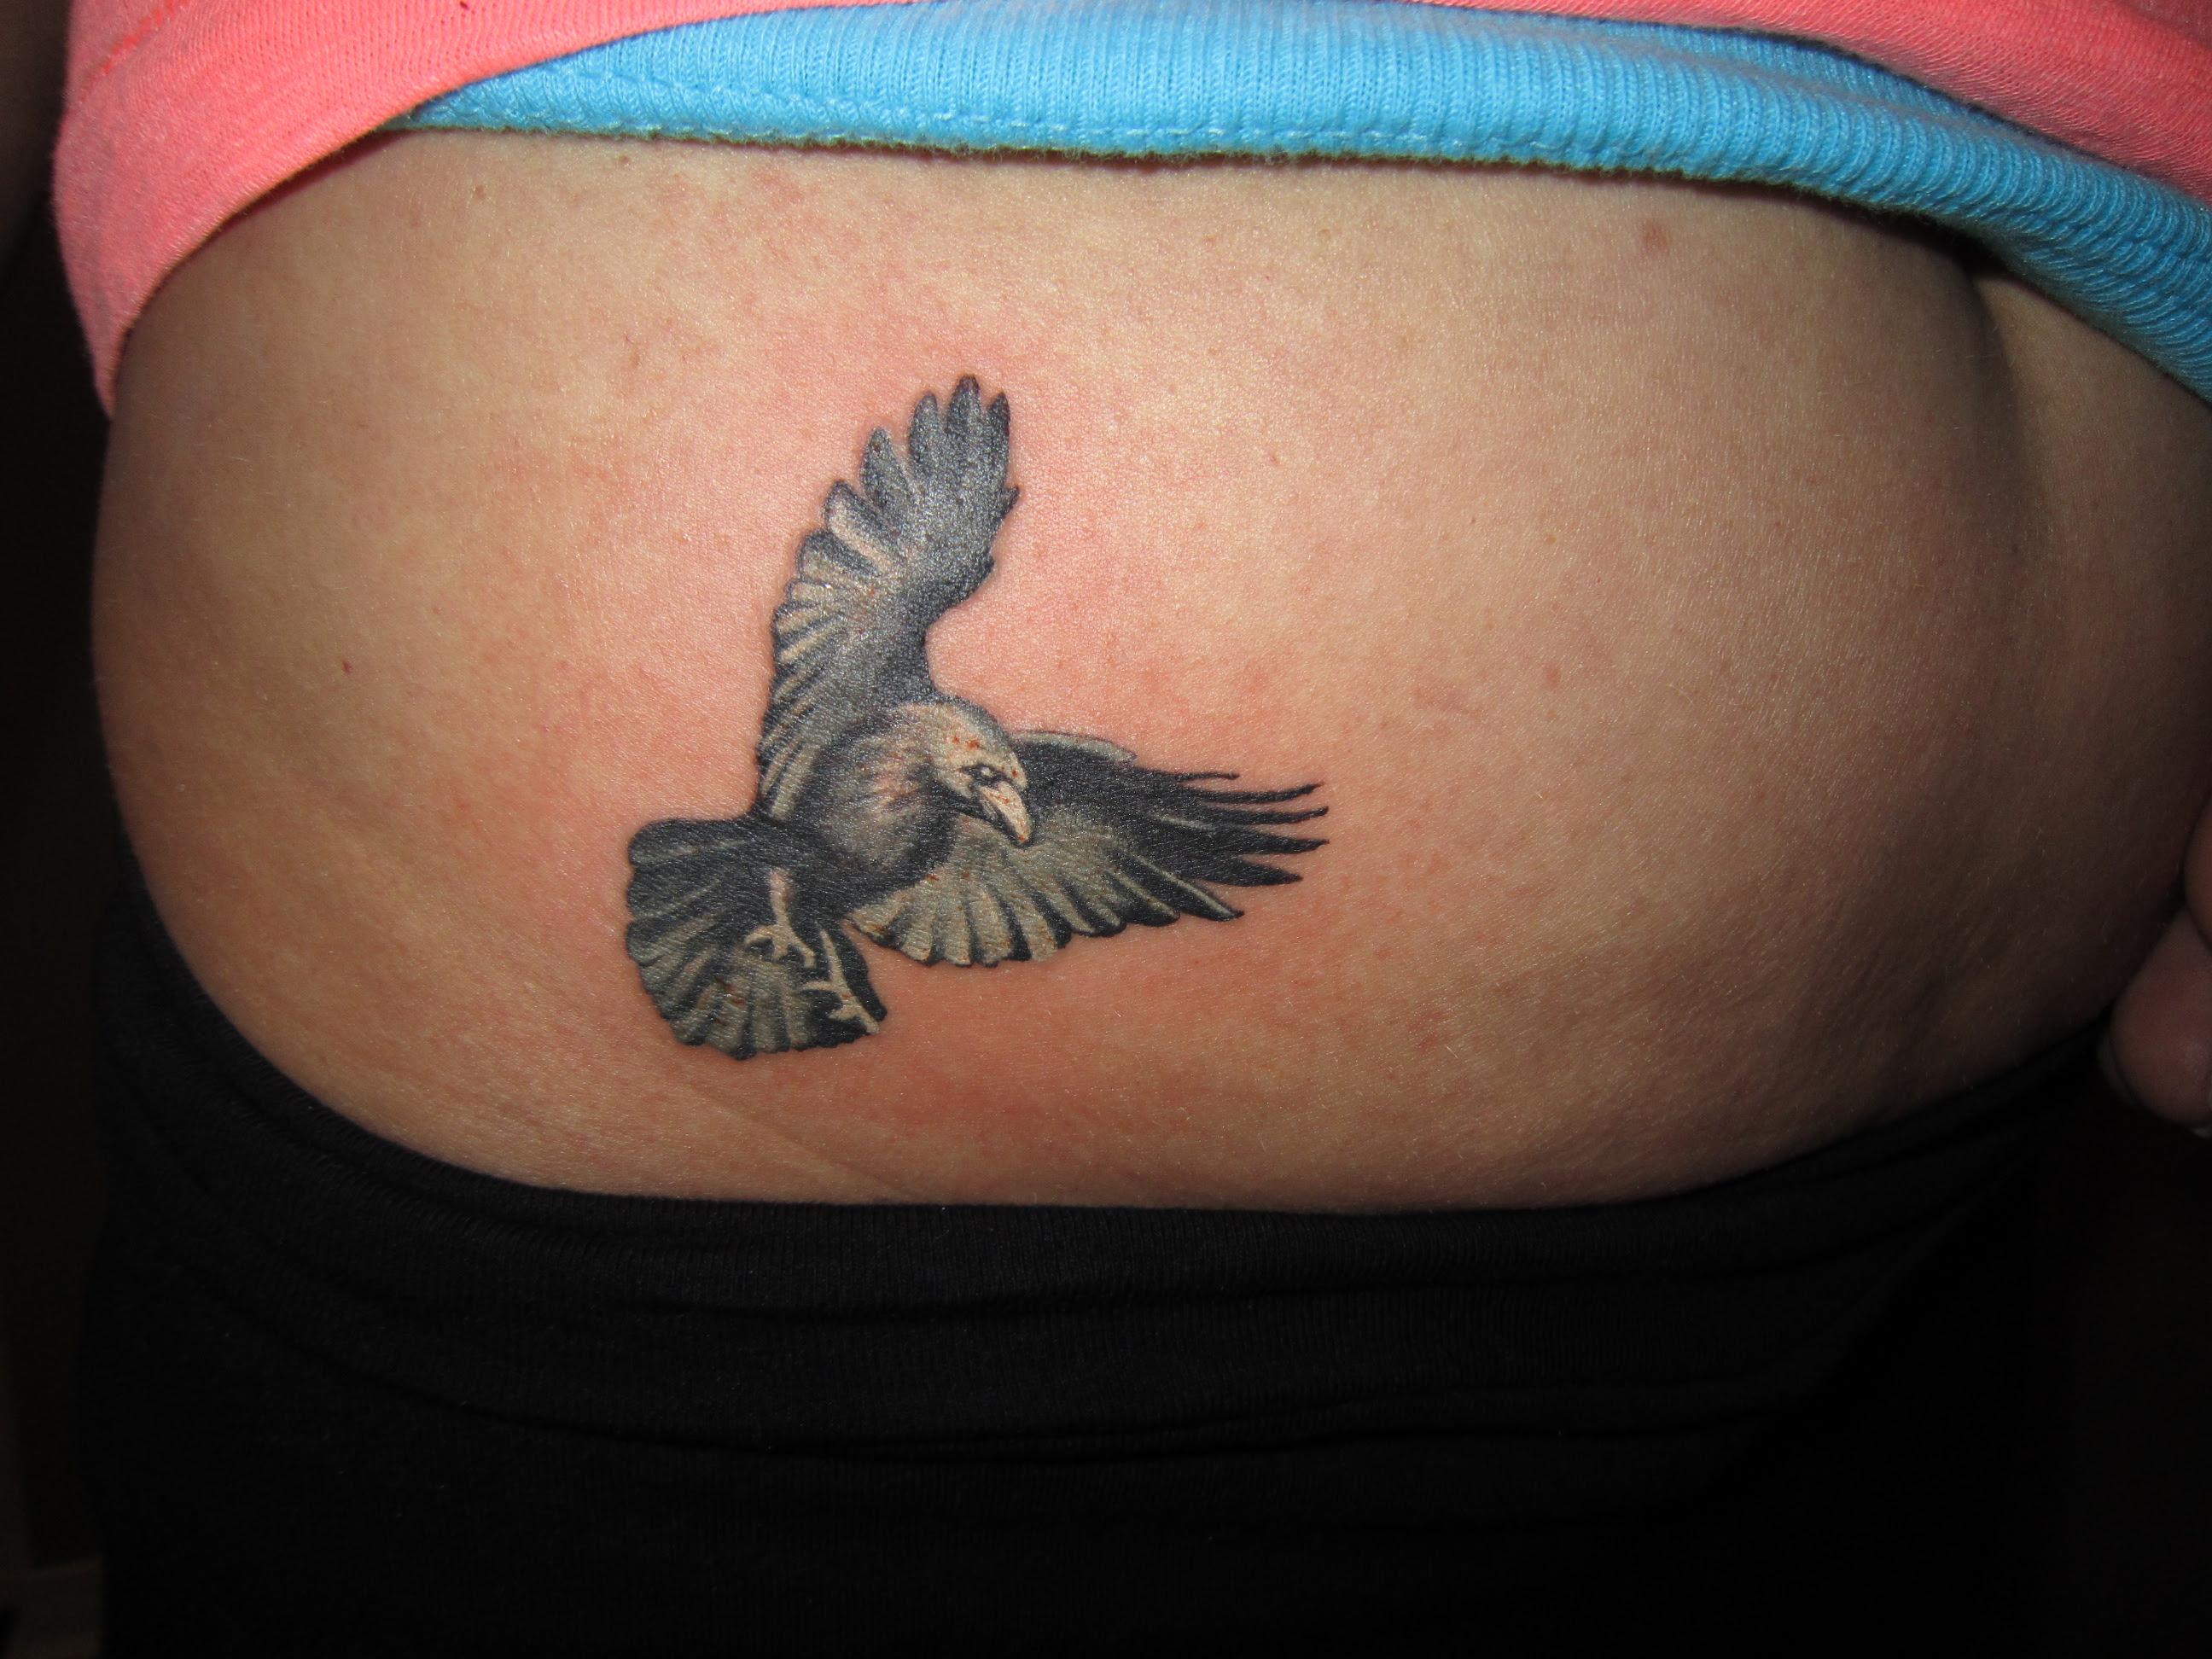 Timeless tattoo by Ariel Kendall on tattoos | Tattoos